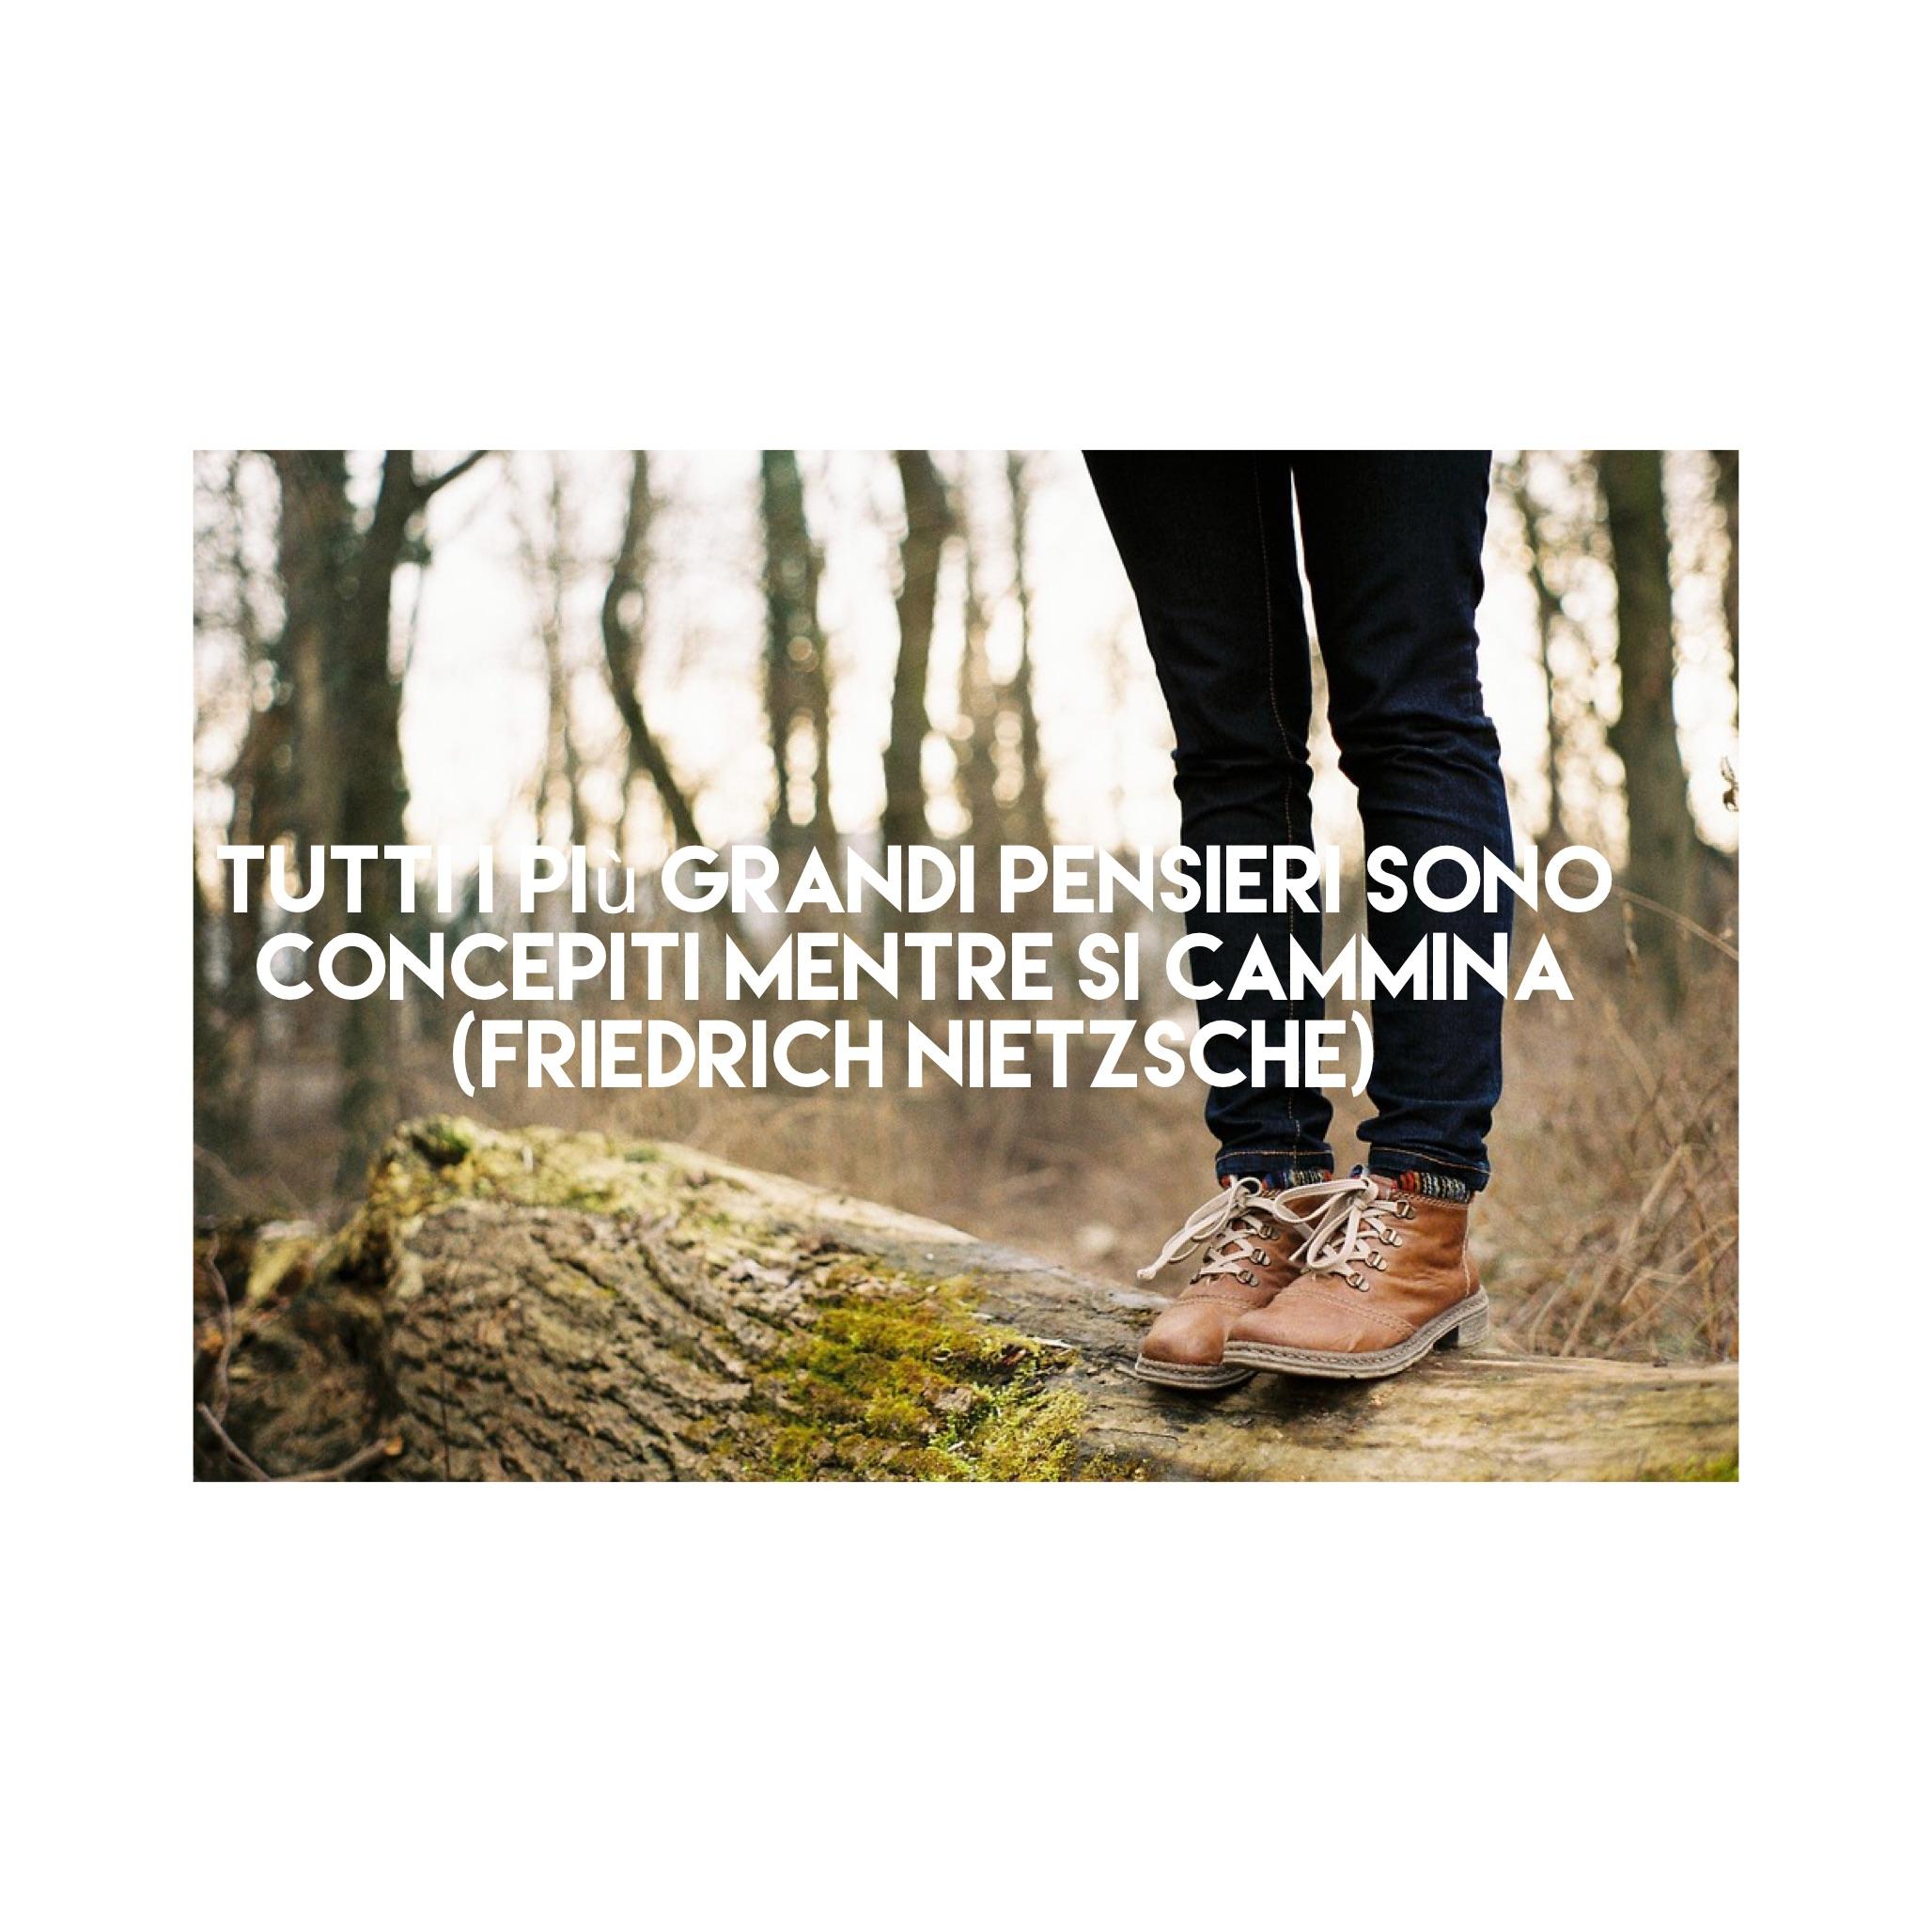 Passeggiare nei boschi allevia la tristezza. Sentieri da provare contro i brutti pensieri